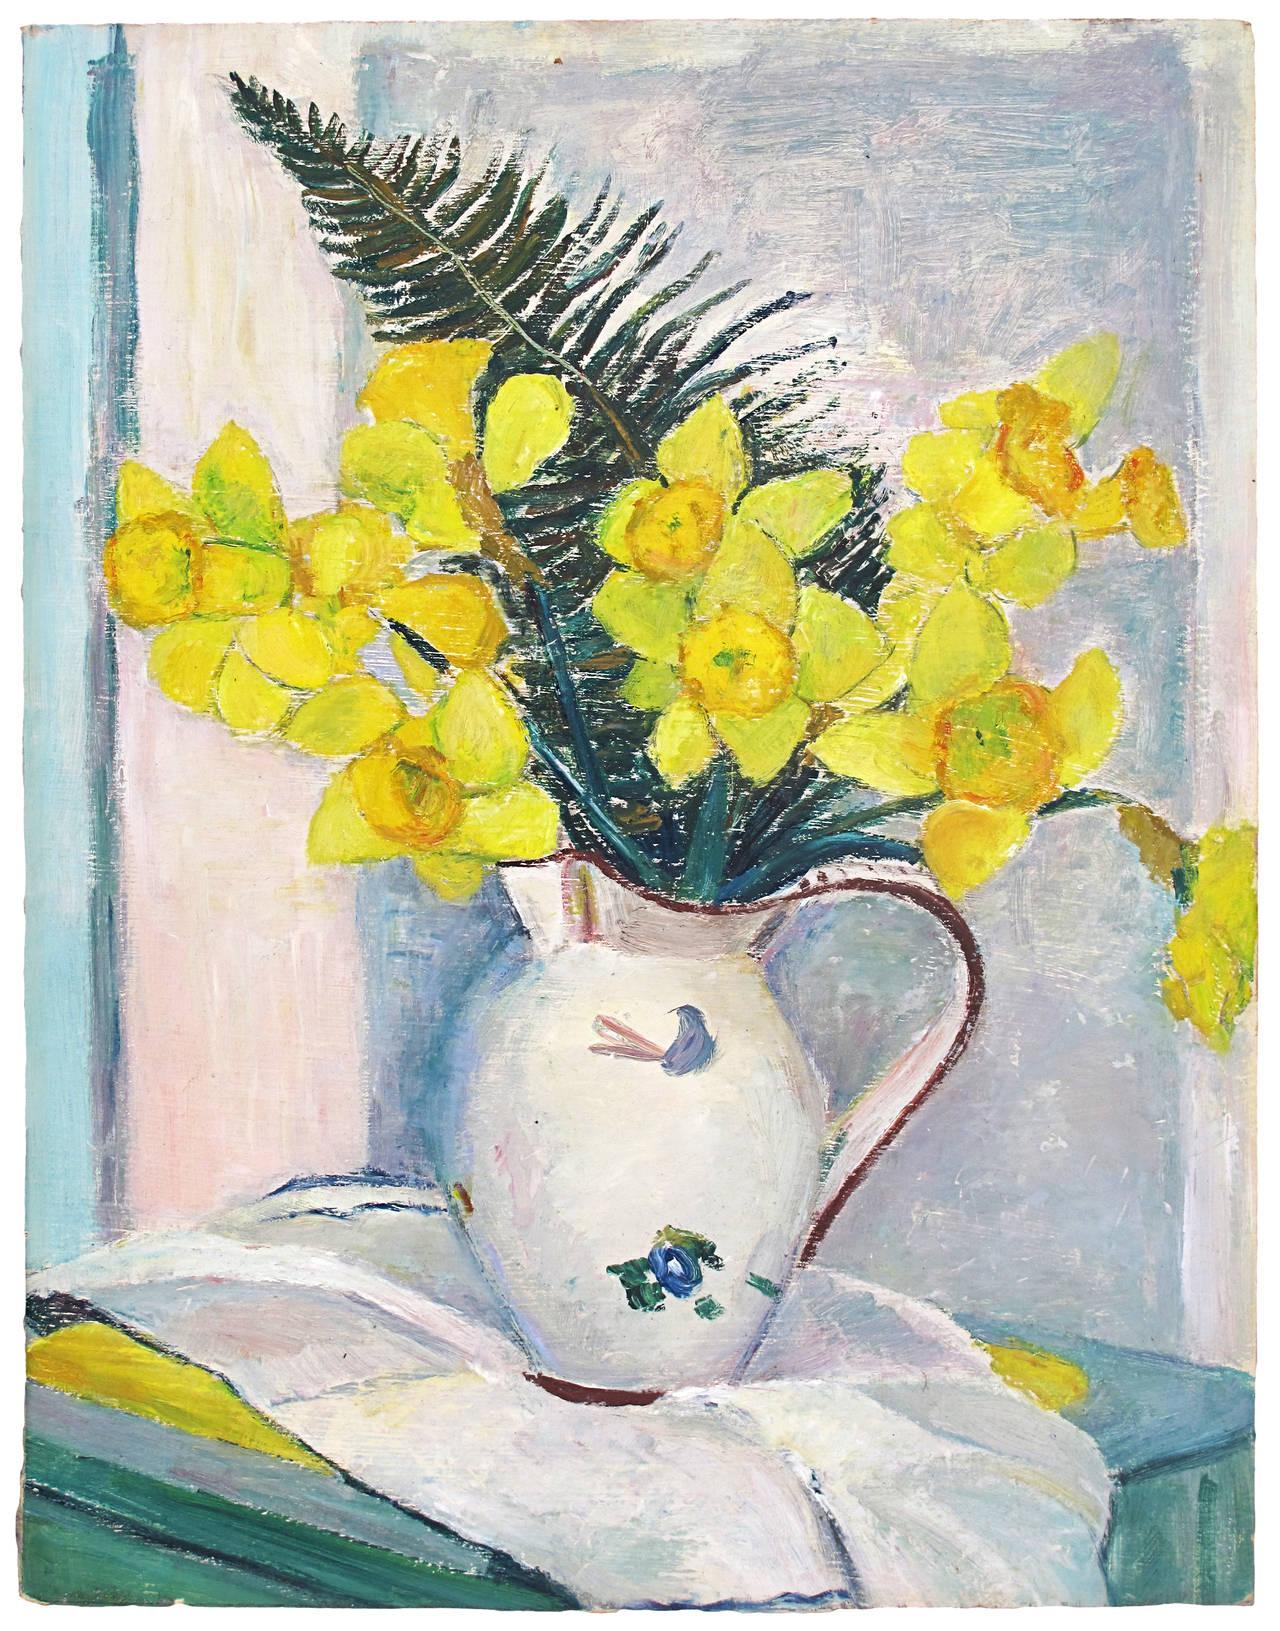 John Mann - Still Life with Daffodils 1